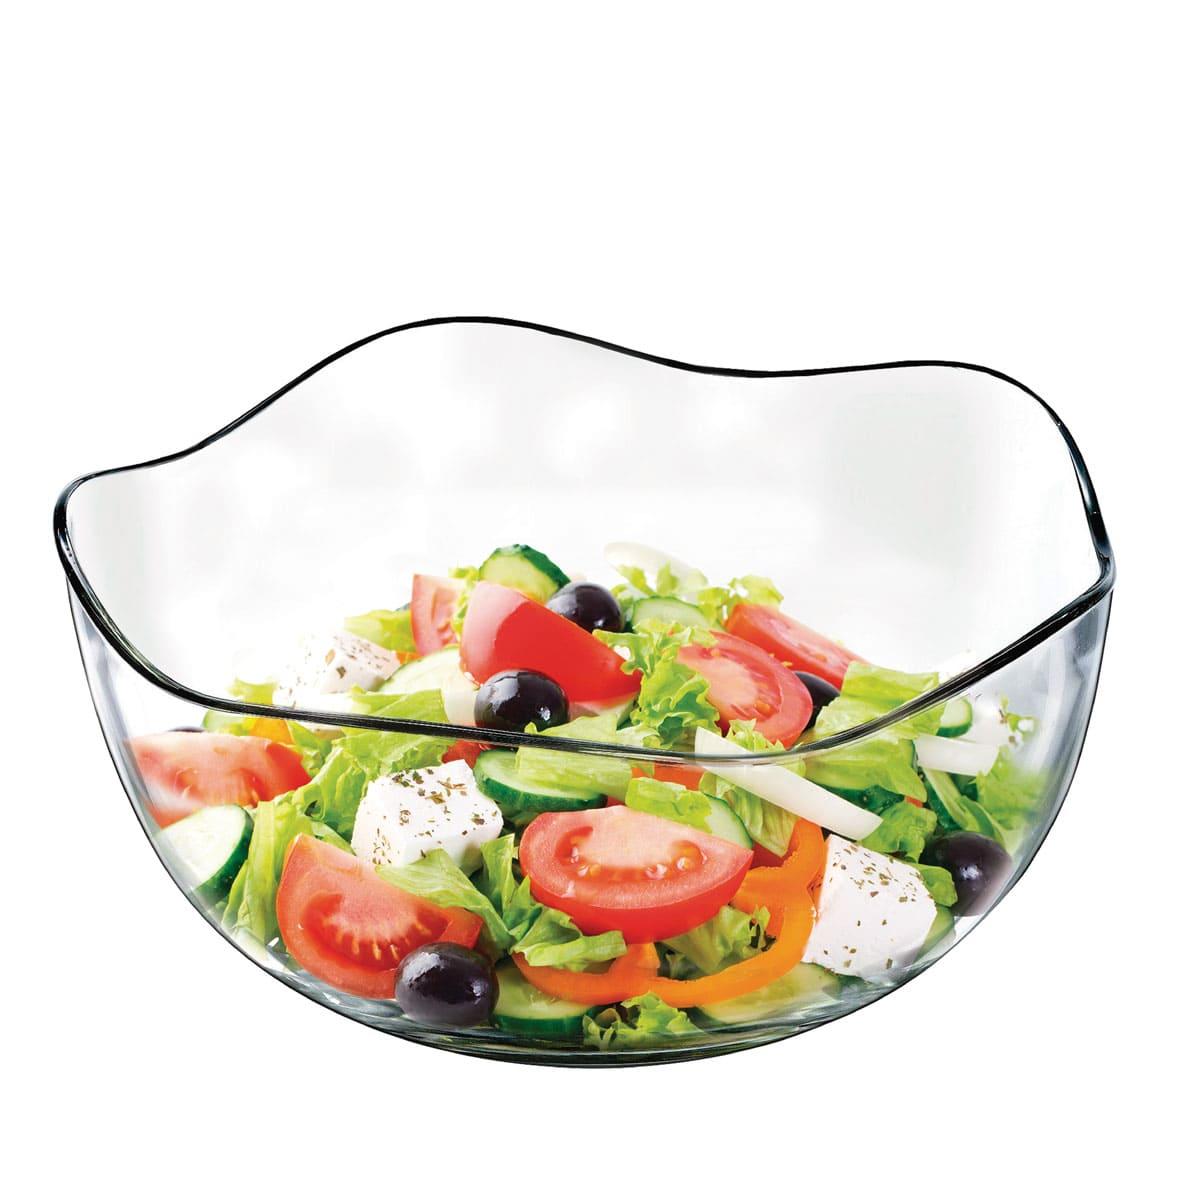 Saladeira de Vidro Wave C 3840ml (Caixa com 6 unidades)